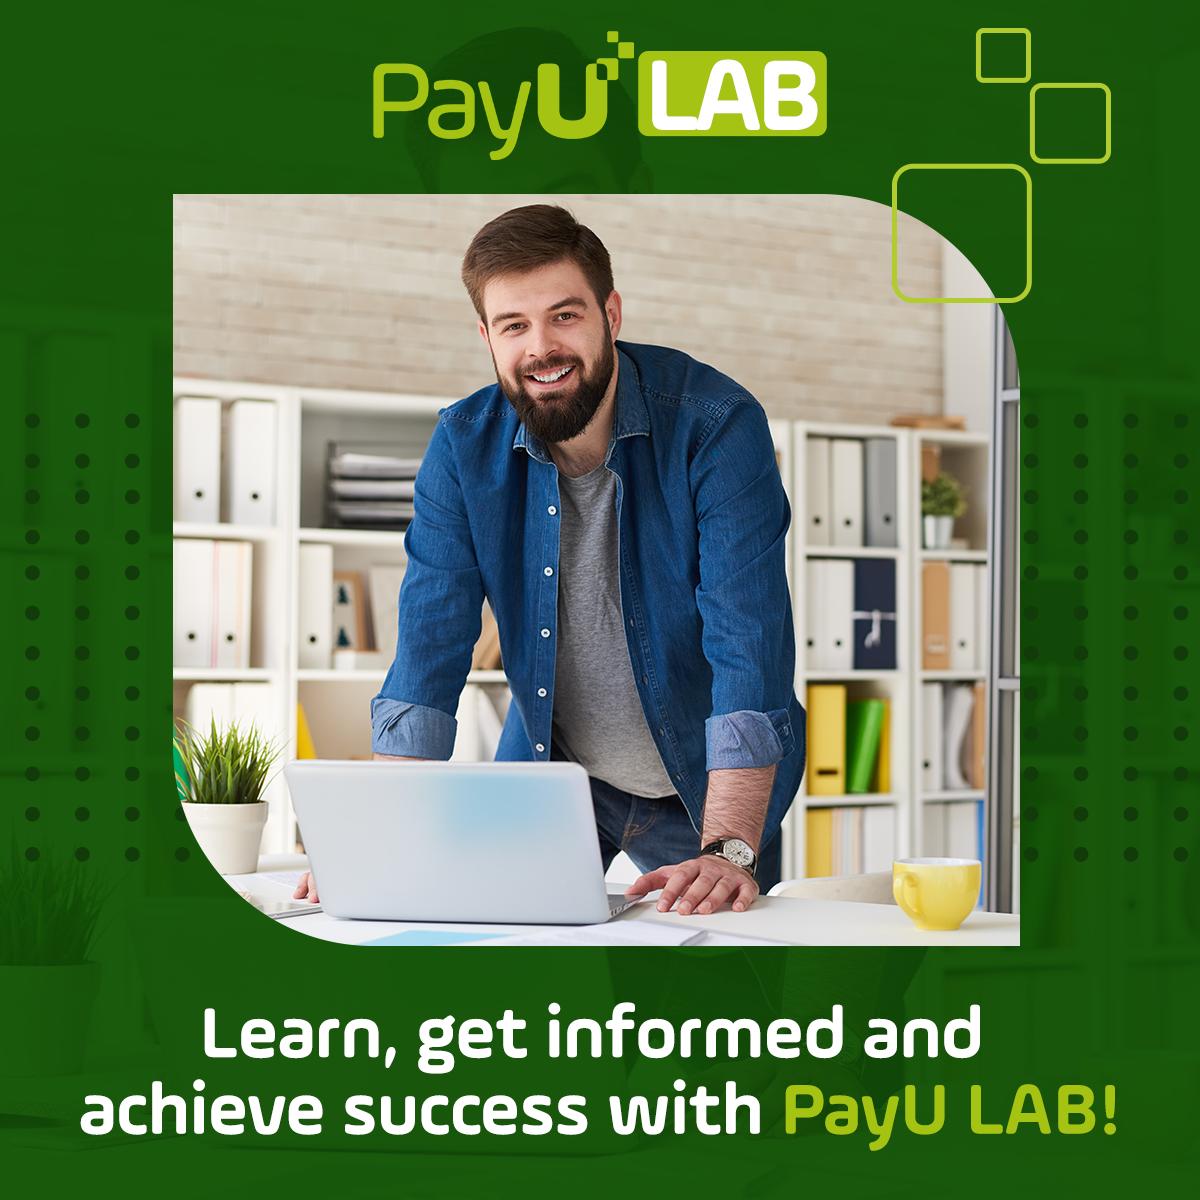 payu_lab (1)